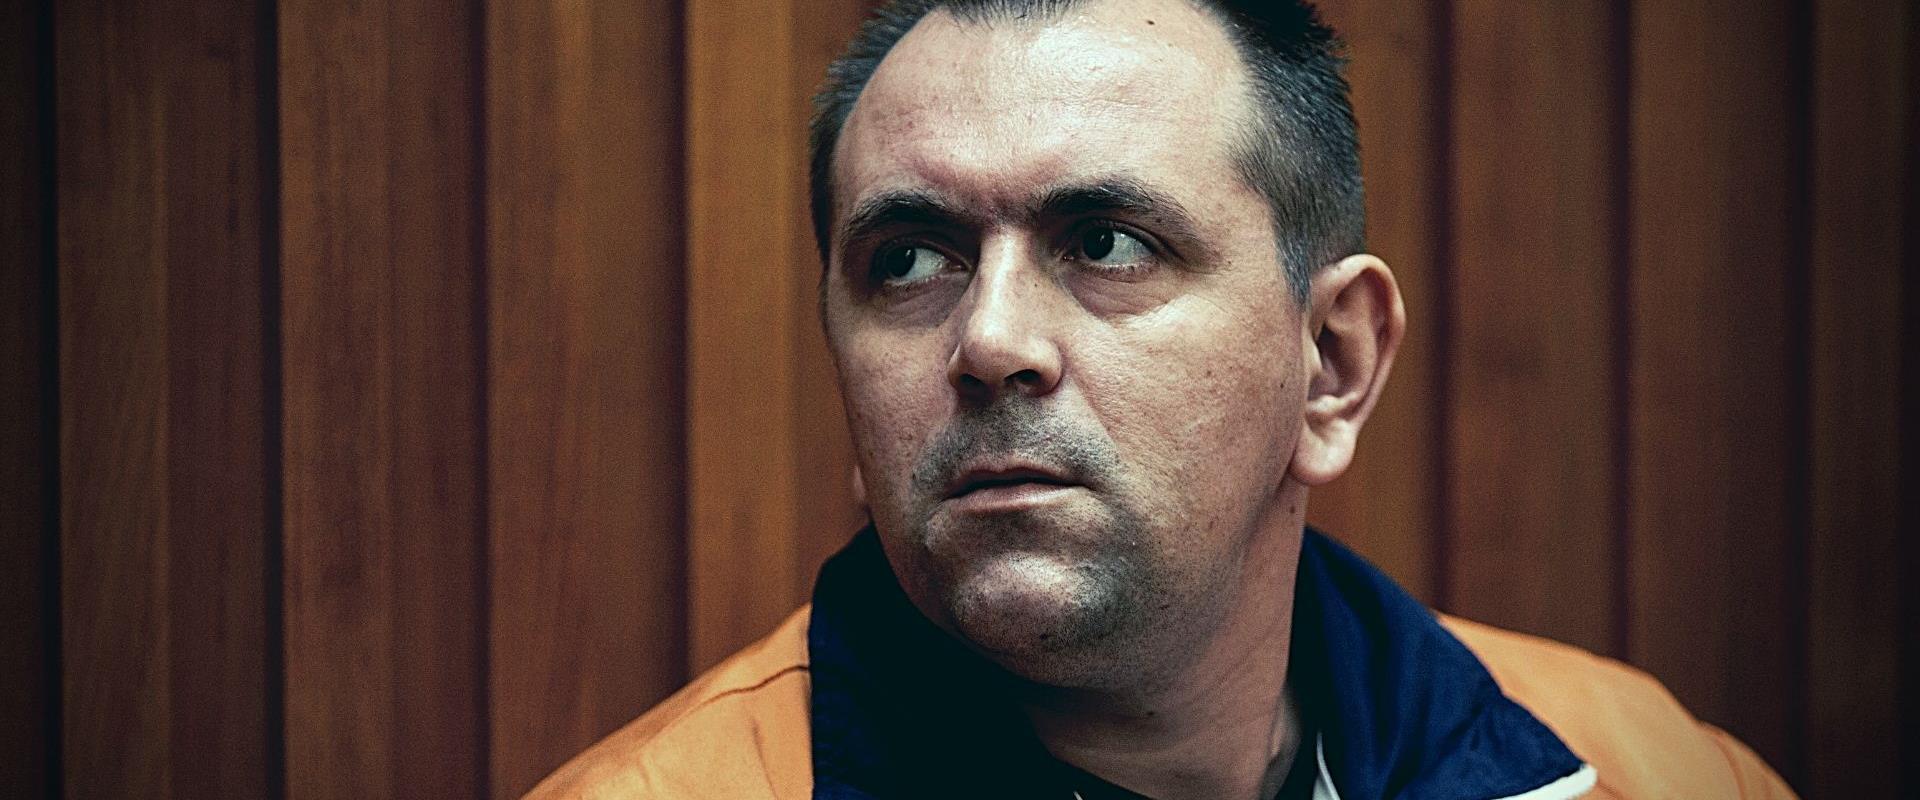 רומן זדורוב בבית המשפט, ארכיון